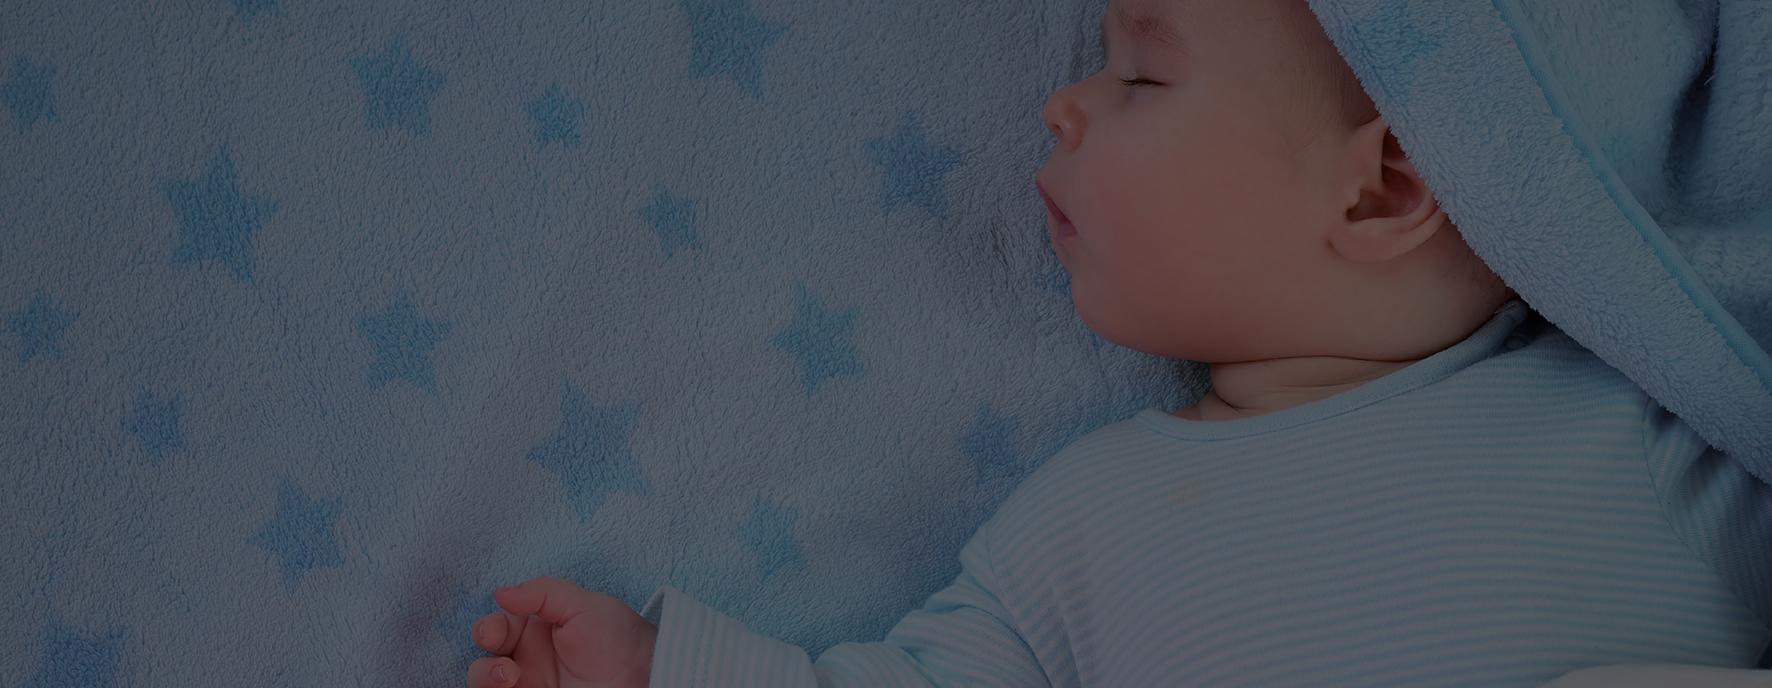 Cómo debe dormir tu bebé